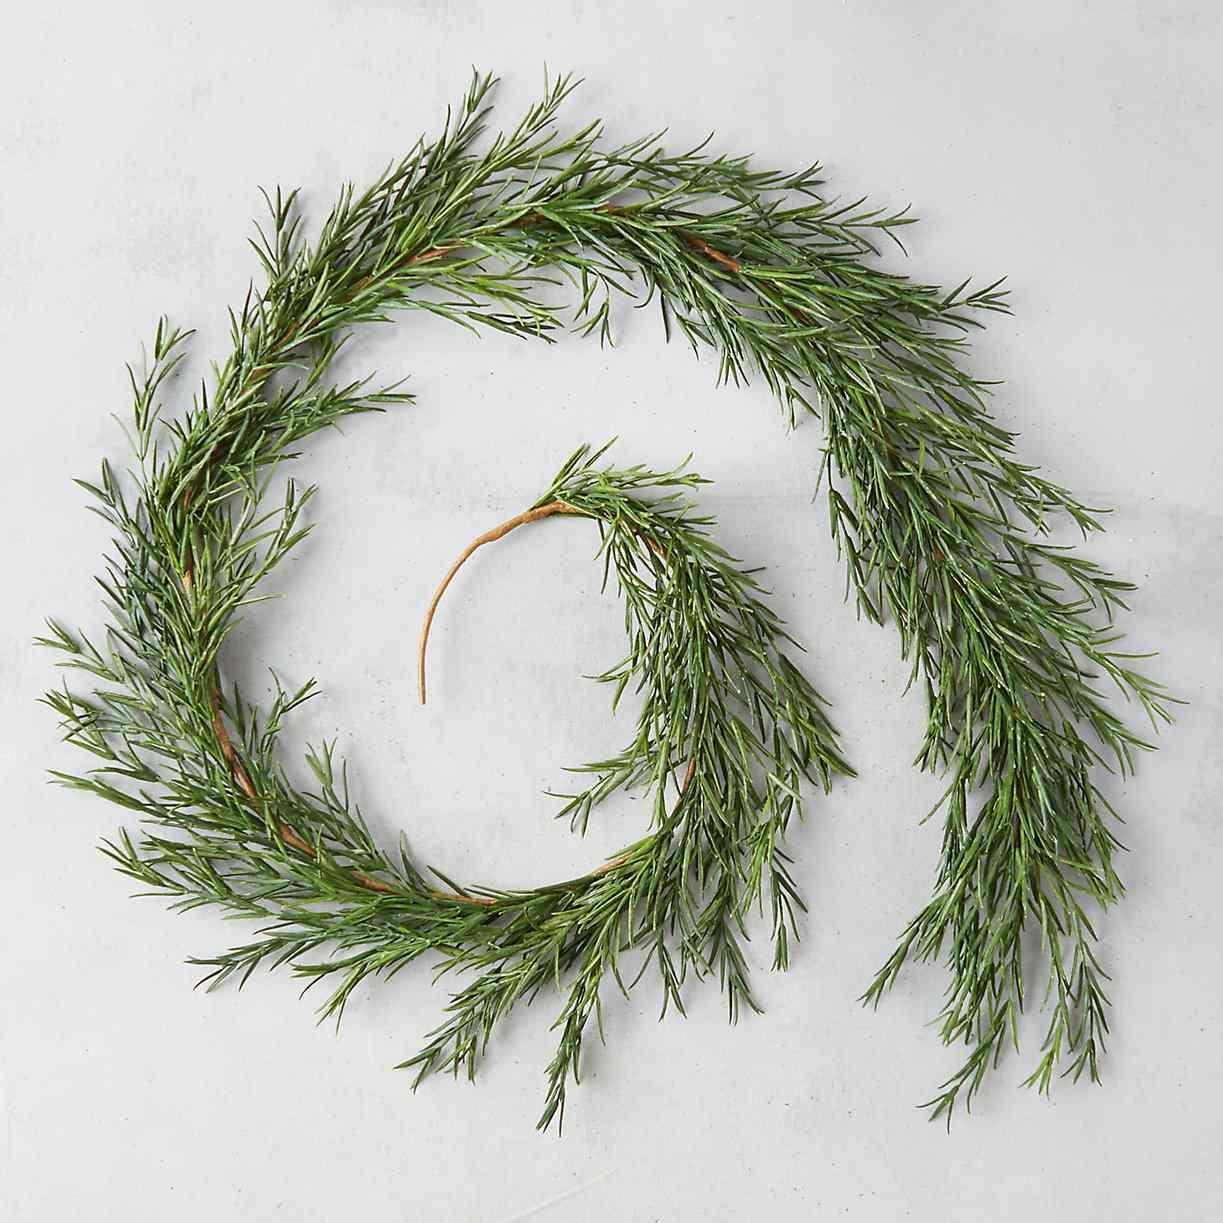 Rosemary garland